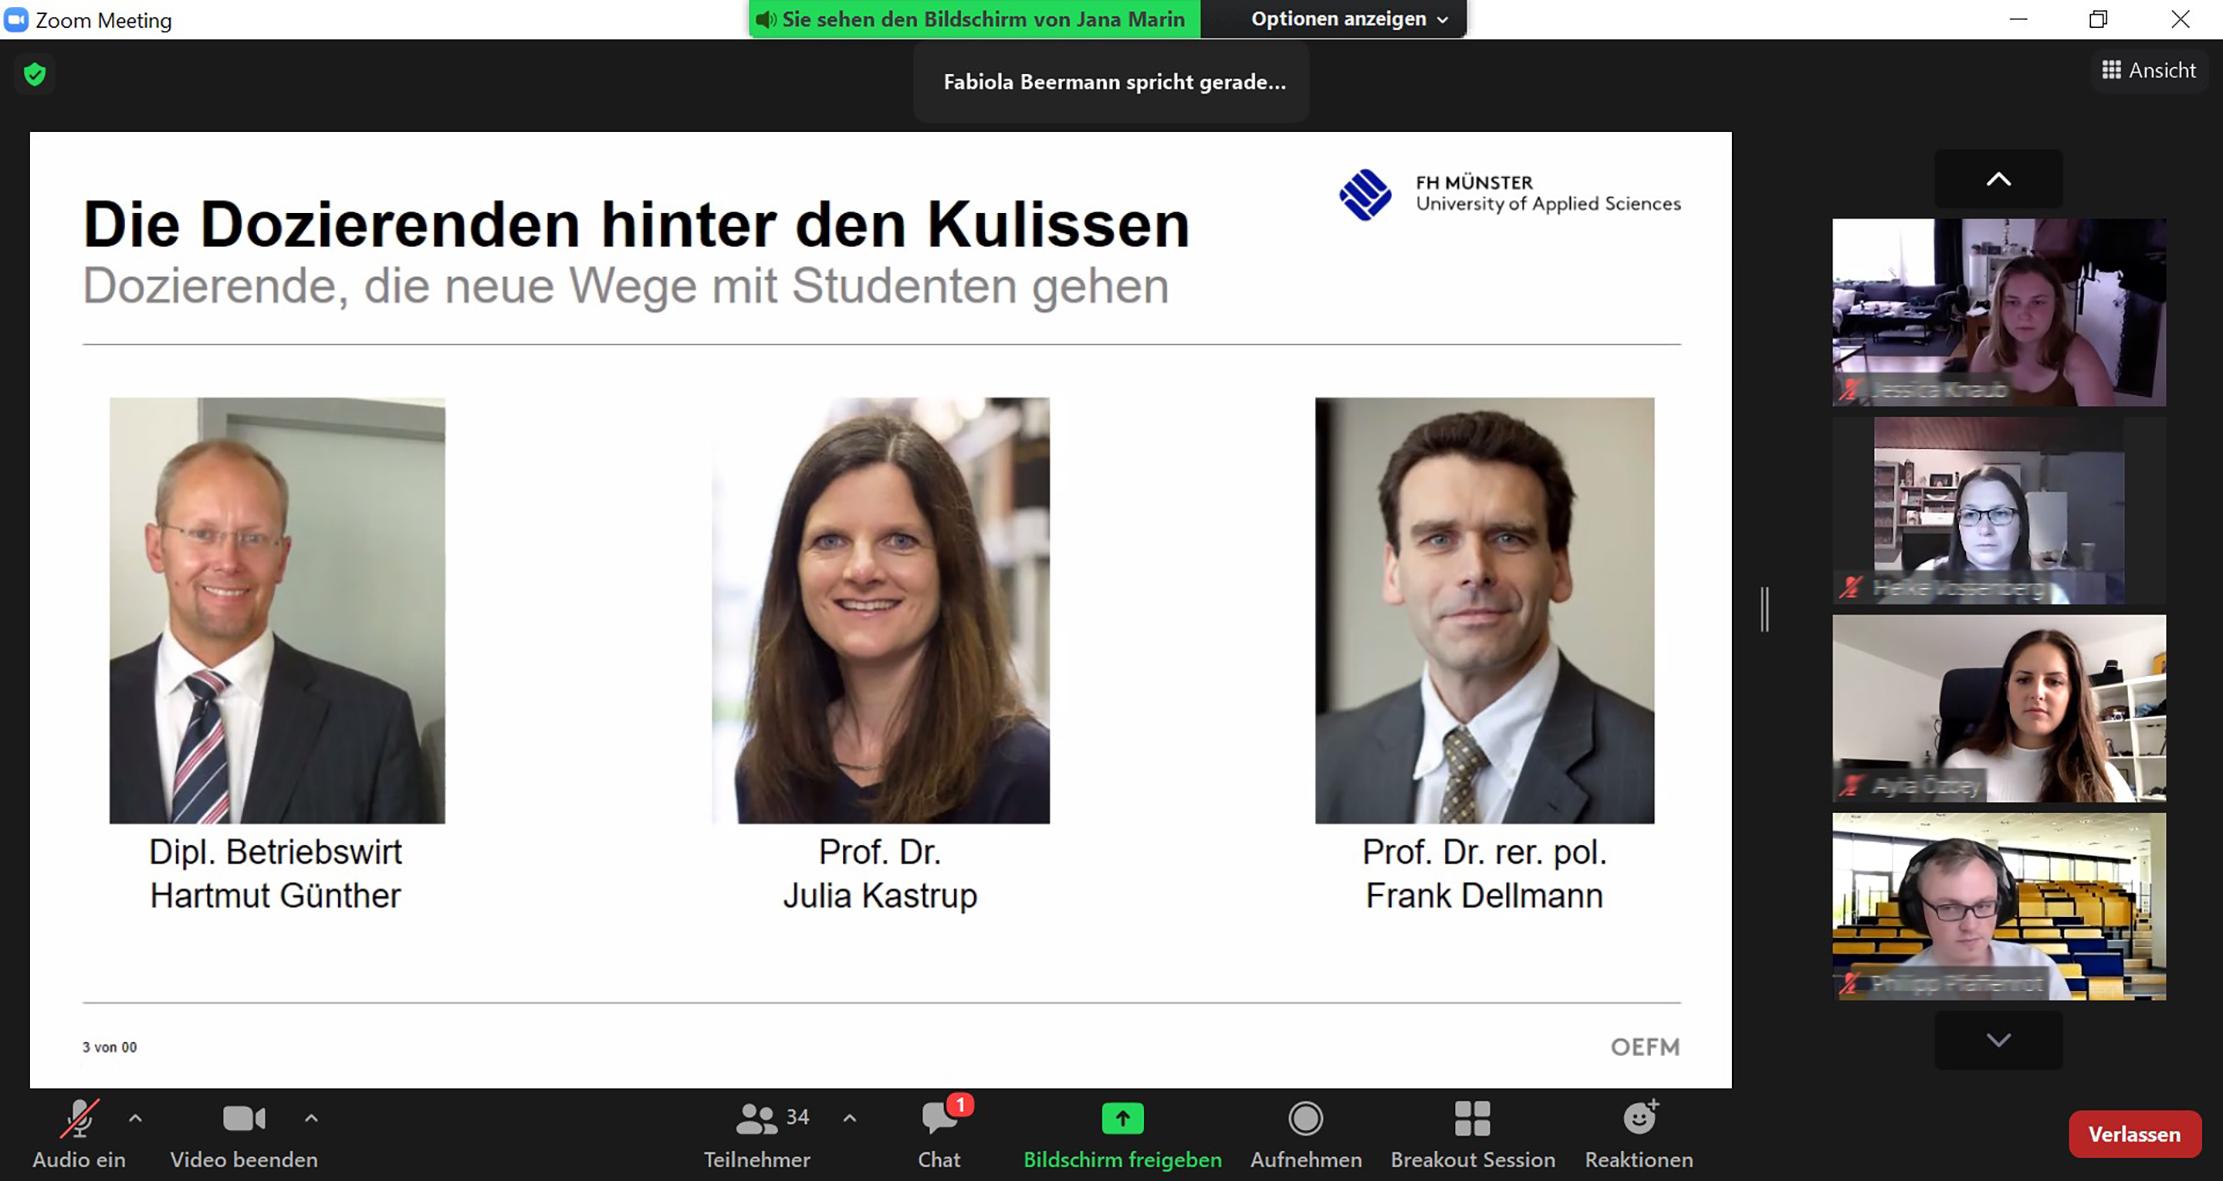 Screenshot von Begrüßungsfolie mit den drei Lehrenden Hartmut Günther. Prof. Dr. Julia Kastrup und Prof. Dr. Frank Dellmann sowie vier Studierenden